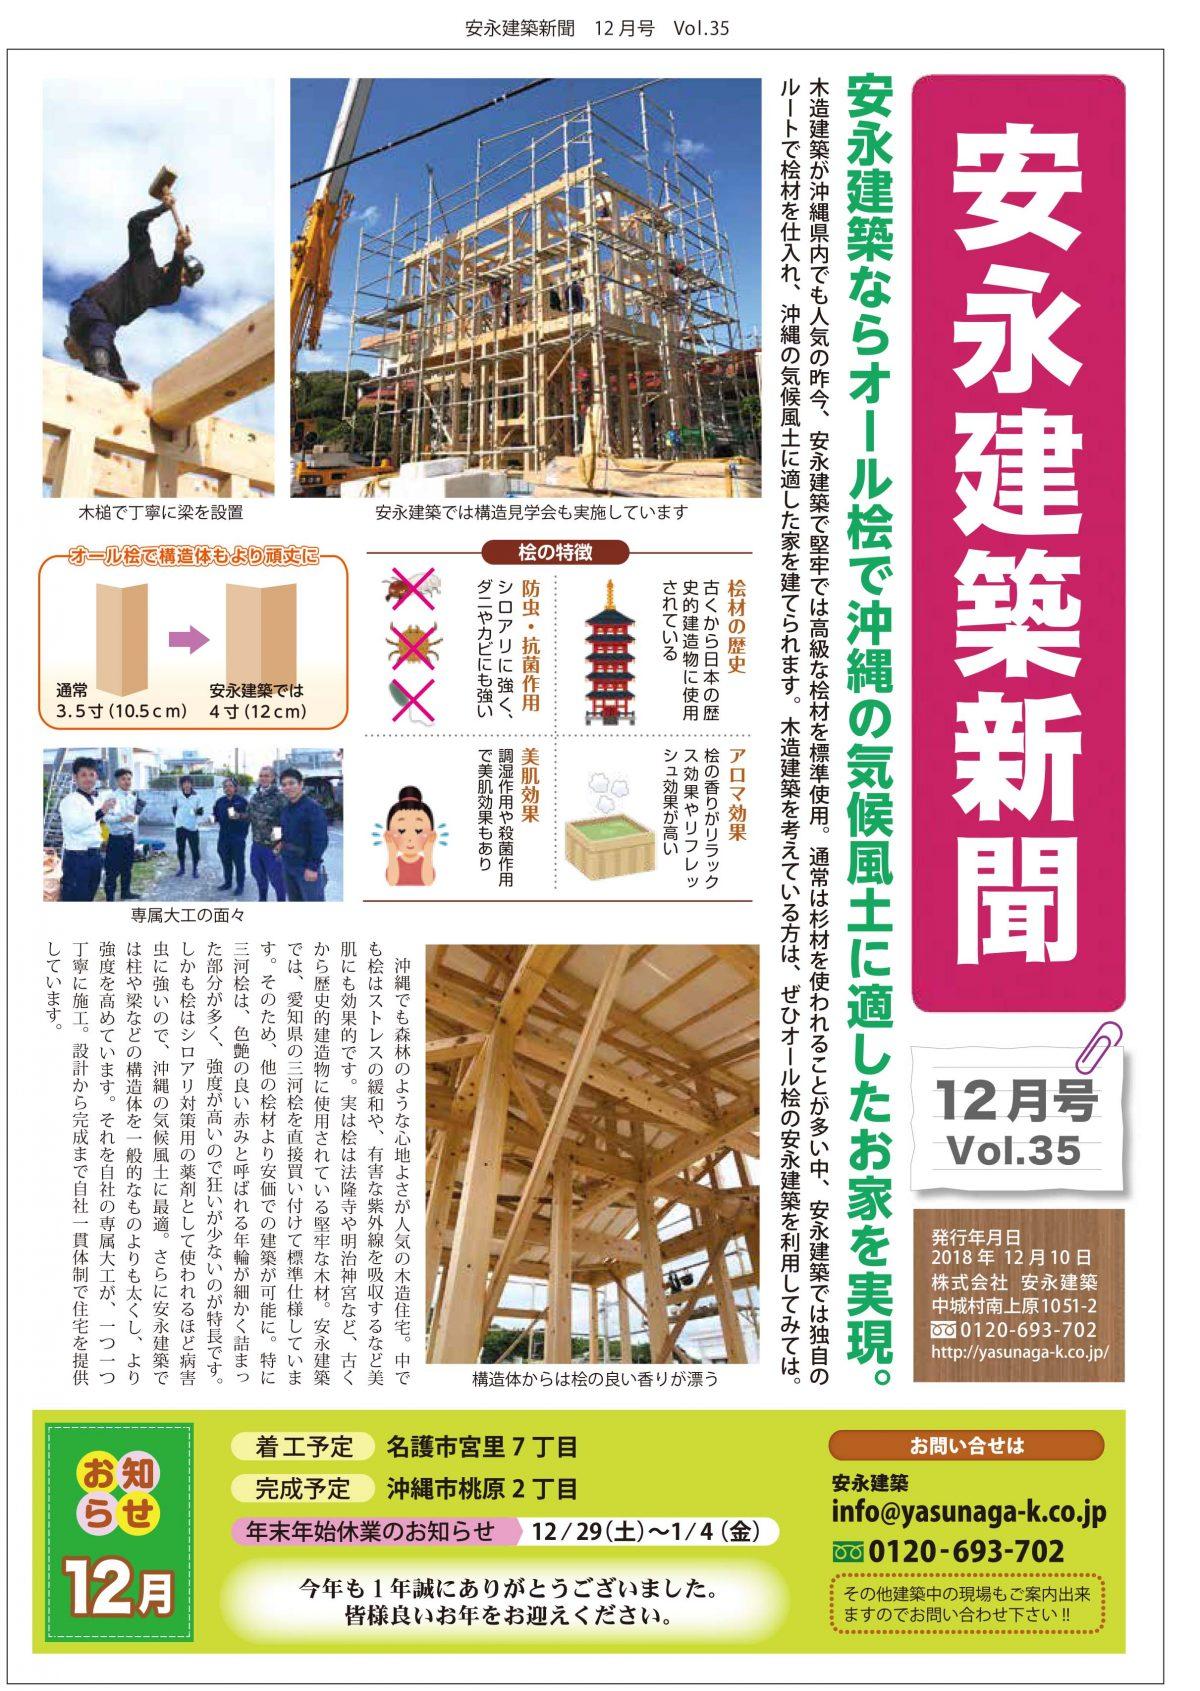 「安永建築新聞」12月号もやりました! マンガ以外のチラシも可能です!